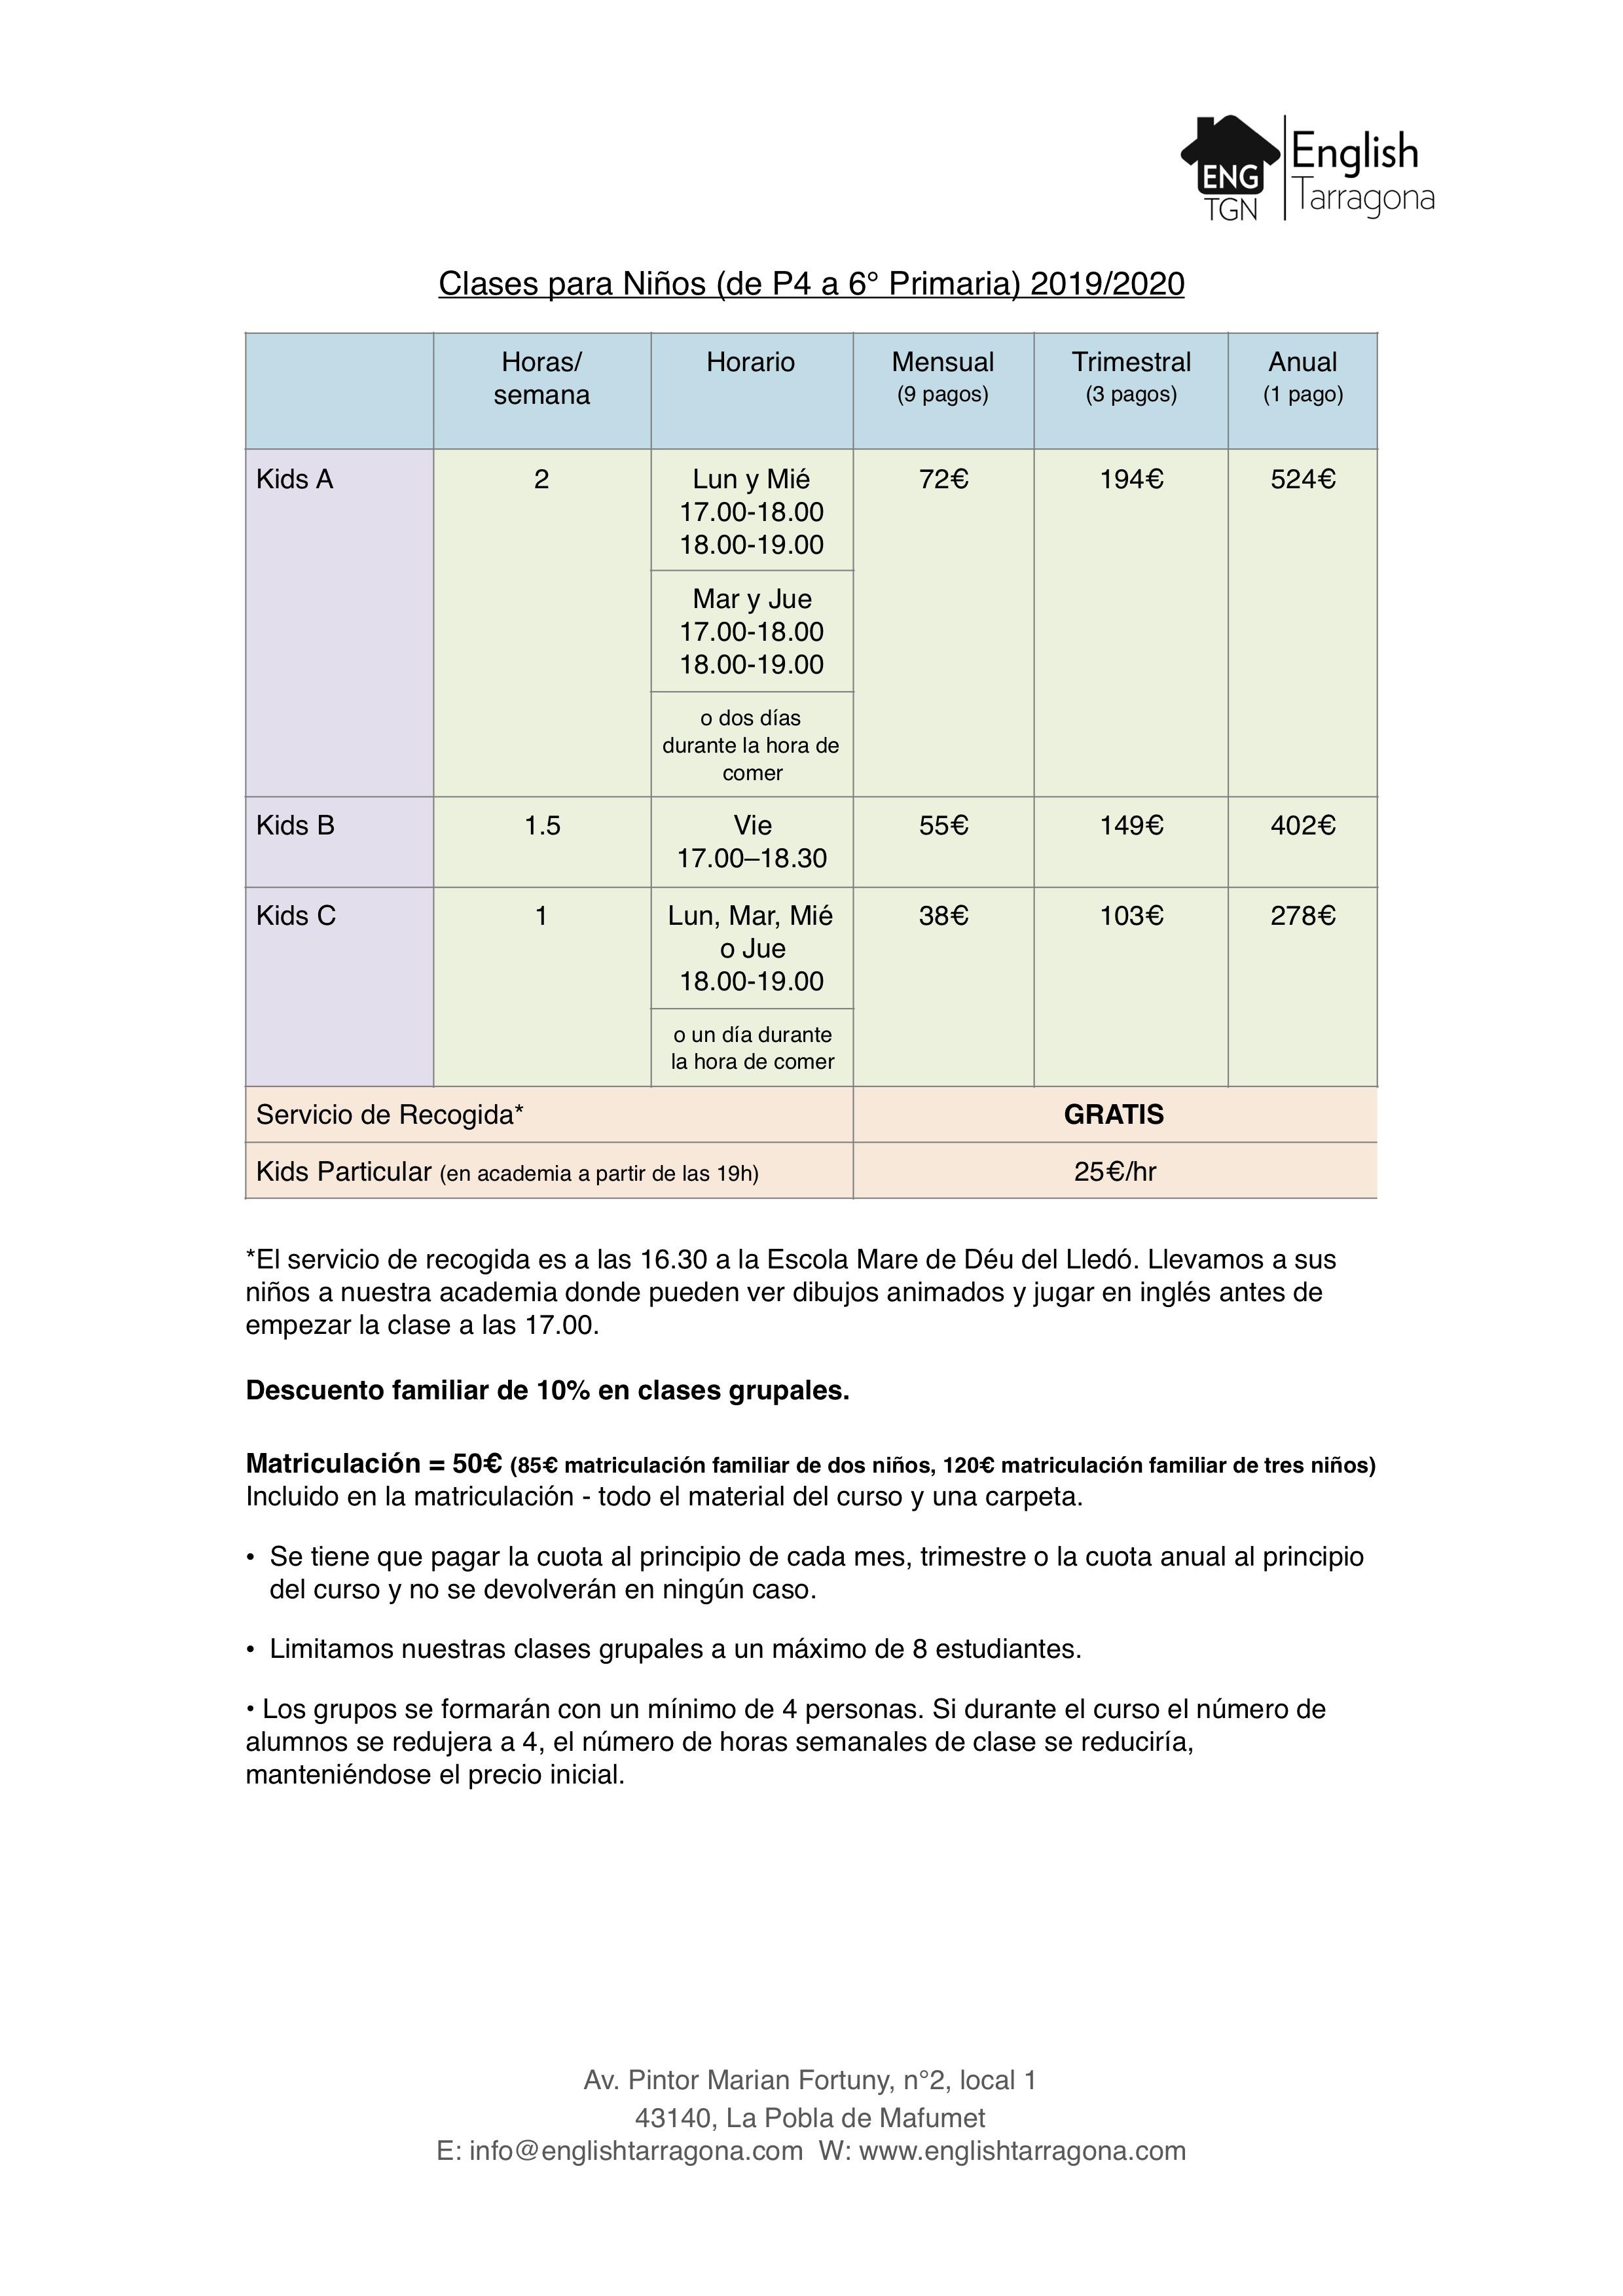 Precios Niños La Pobla 2019:2020.jpg